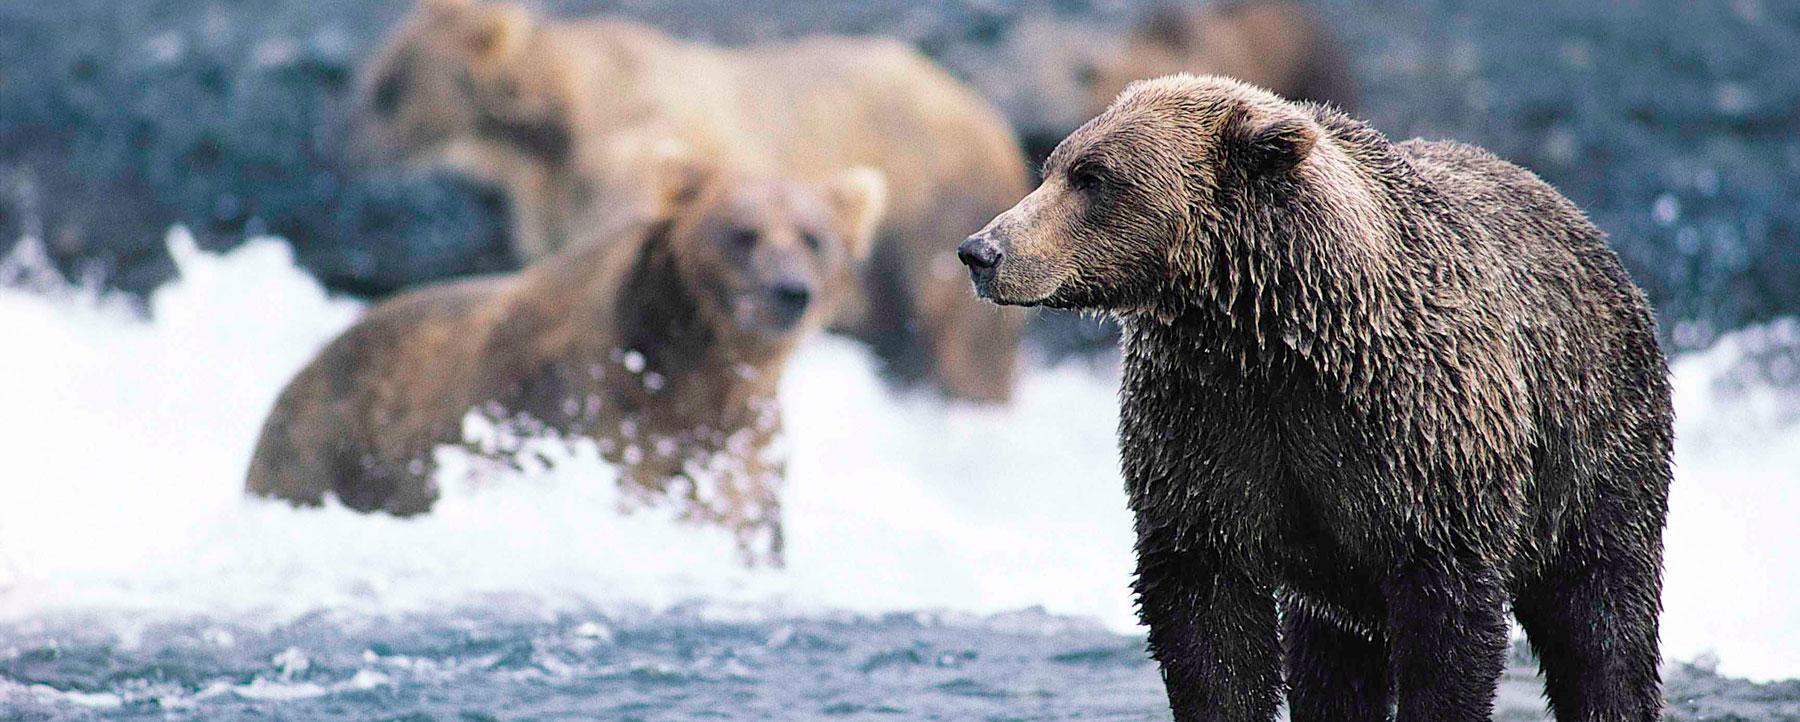 Bear in water